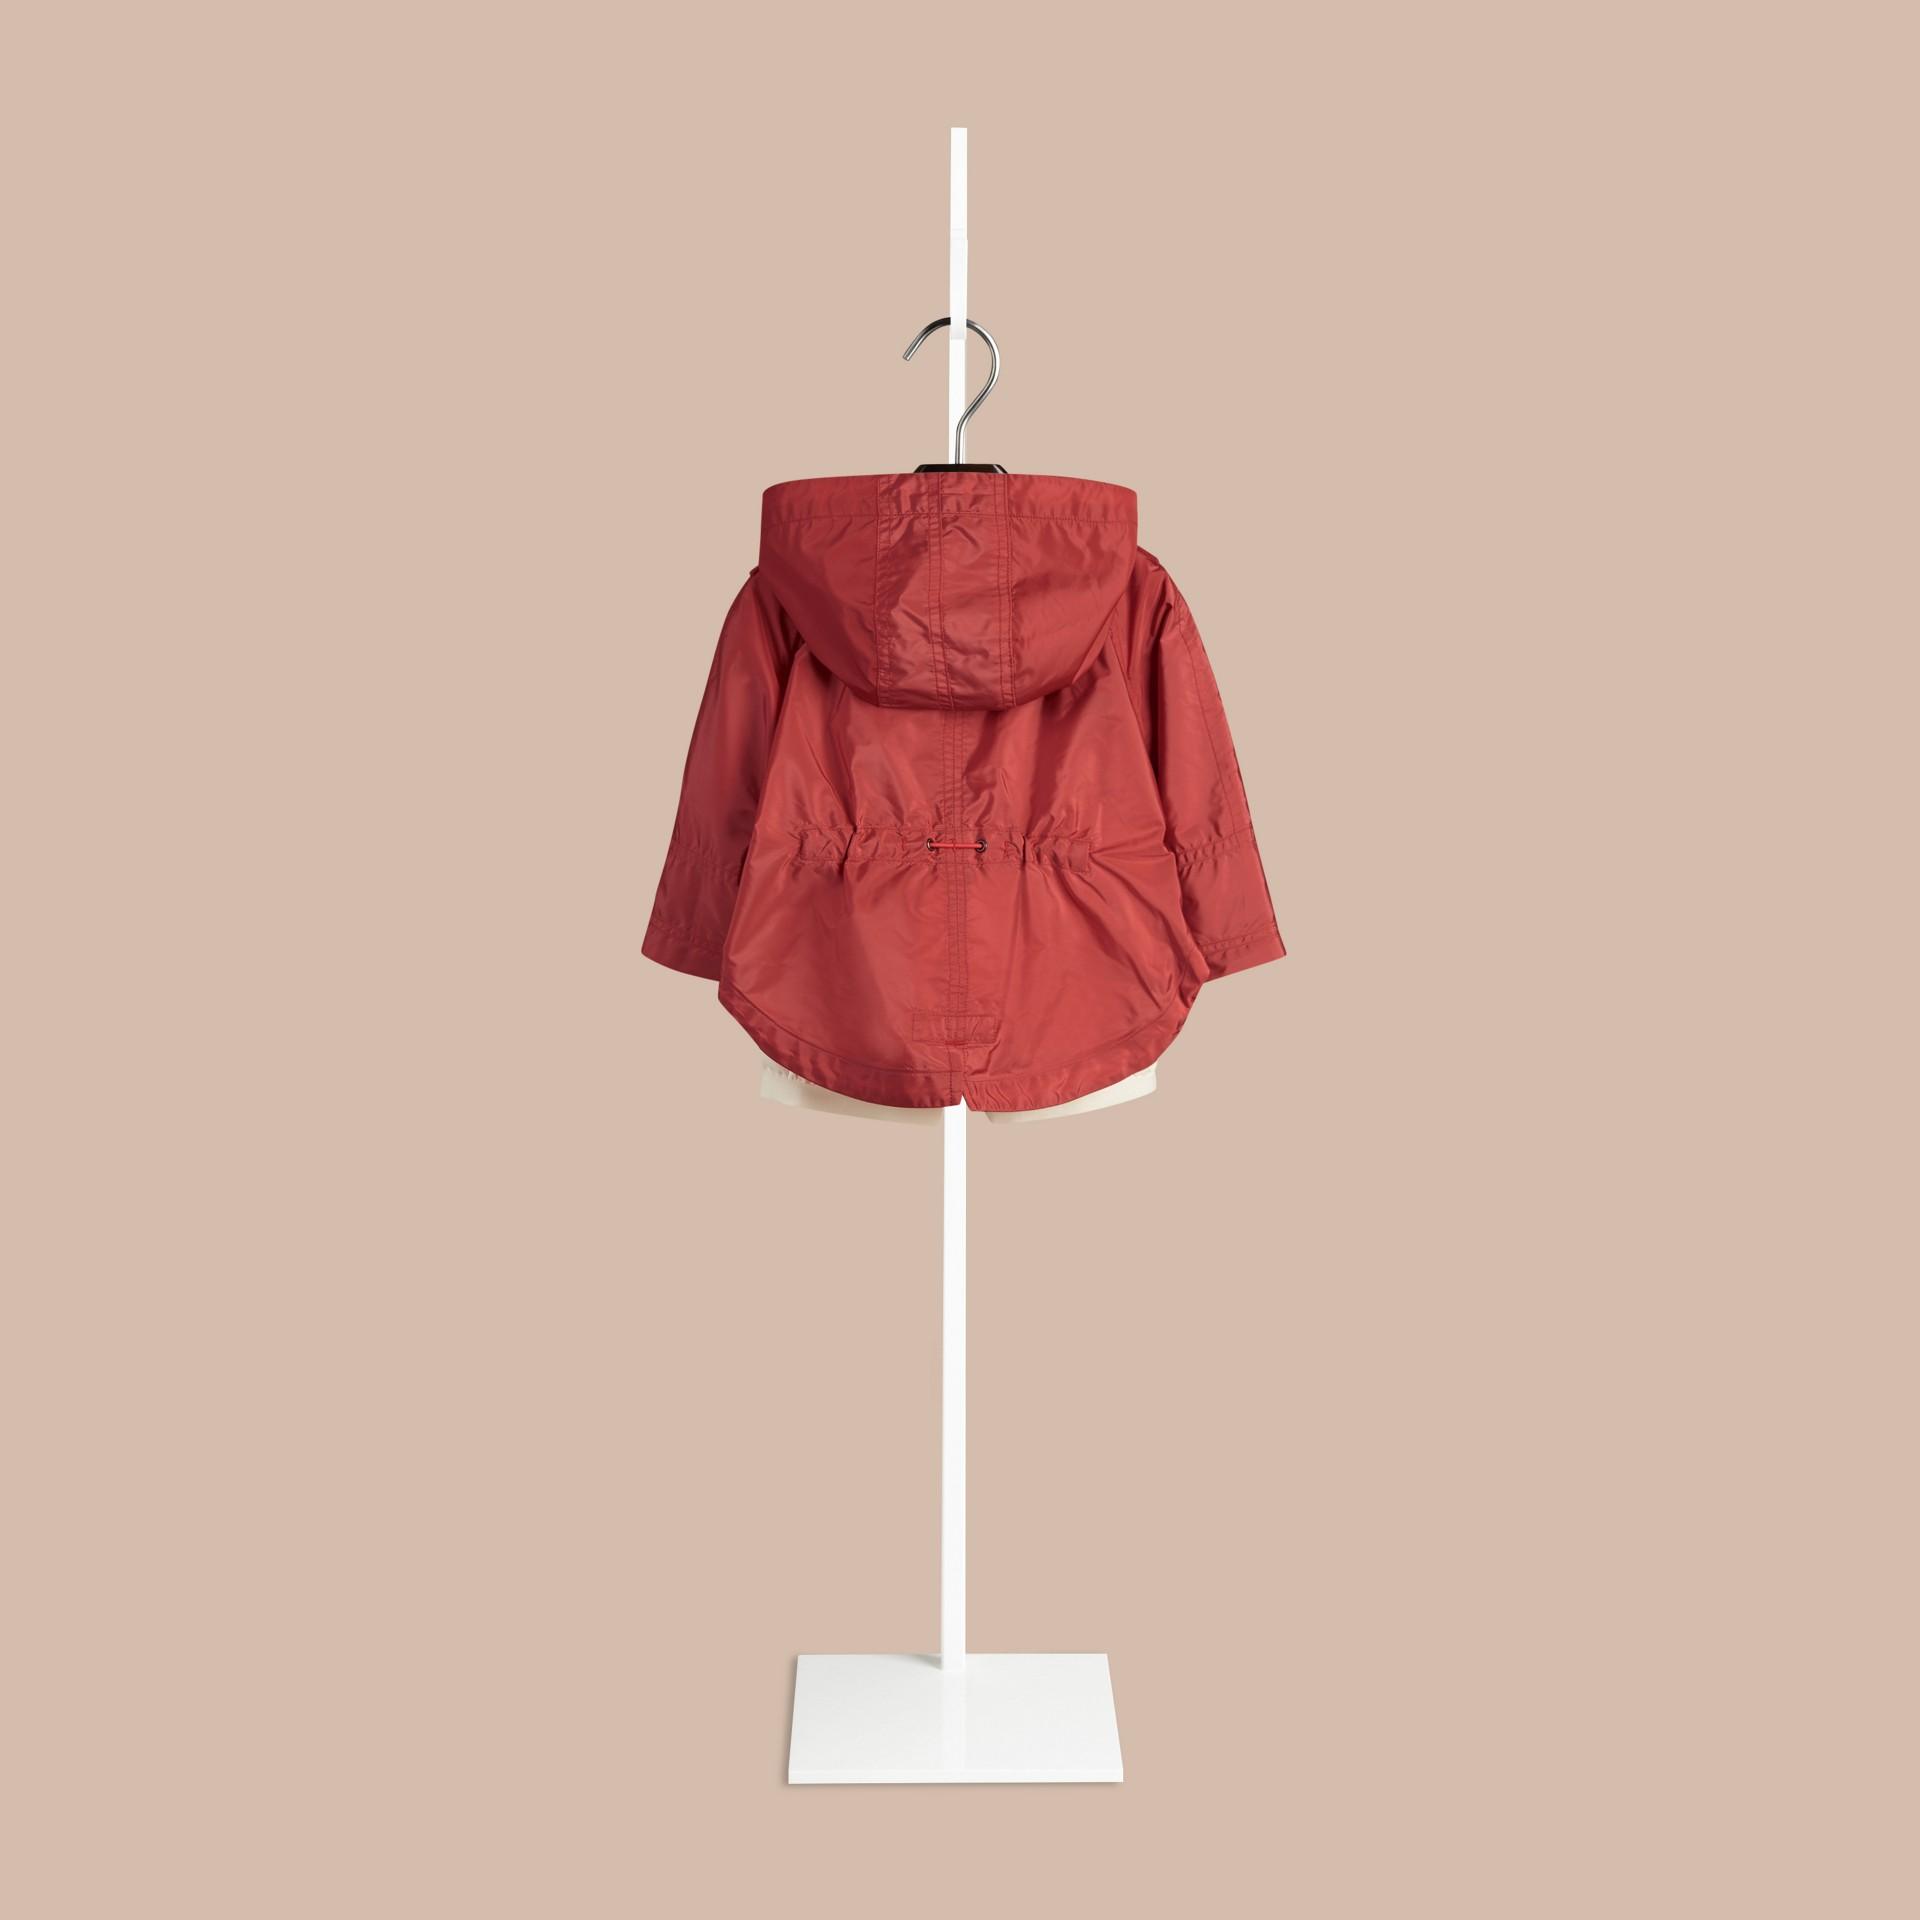 Cuivre rose vif Parka cape en tissu technique - photo de la galerie 2